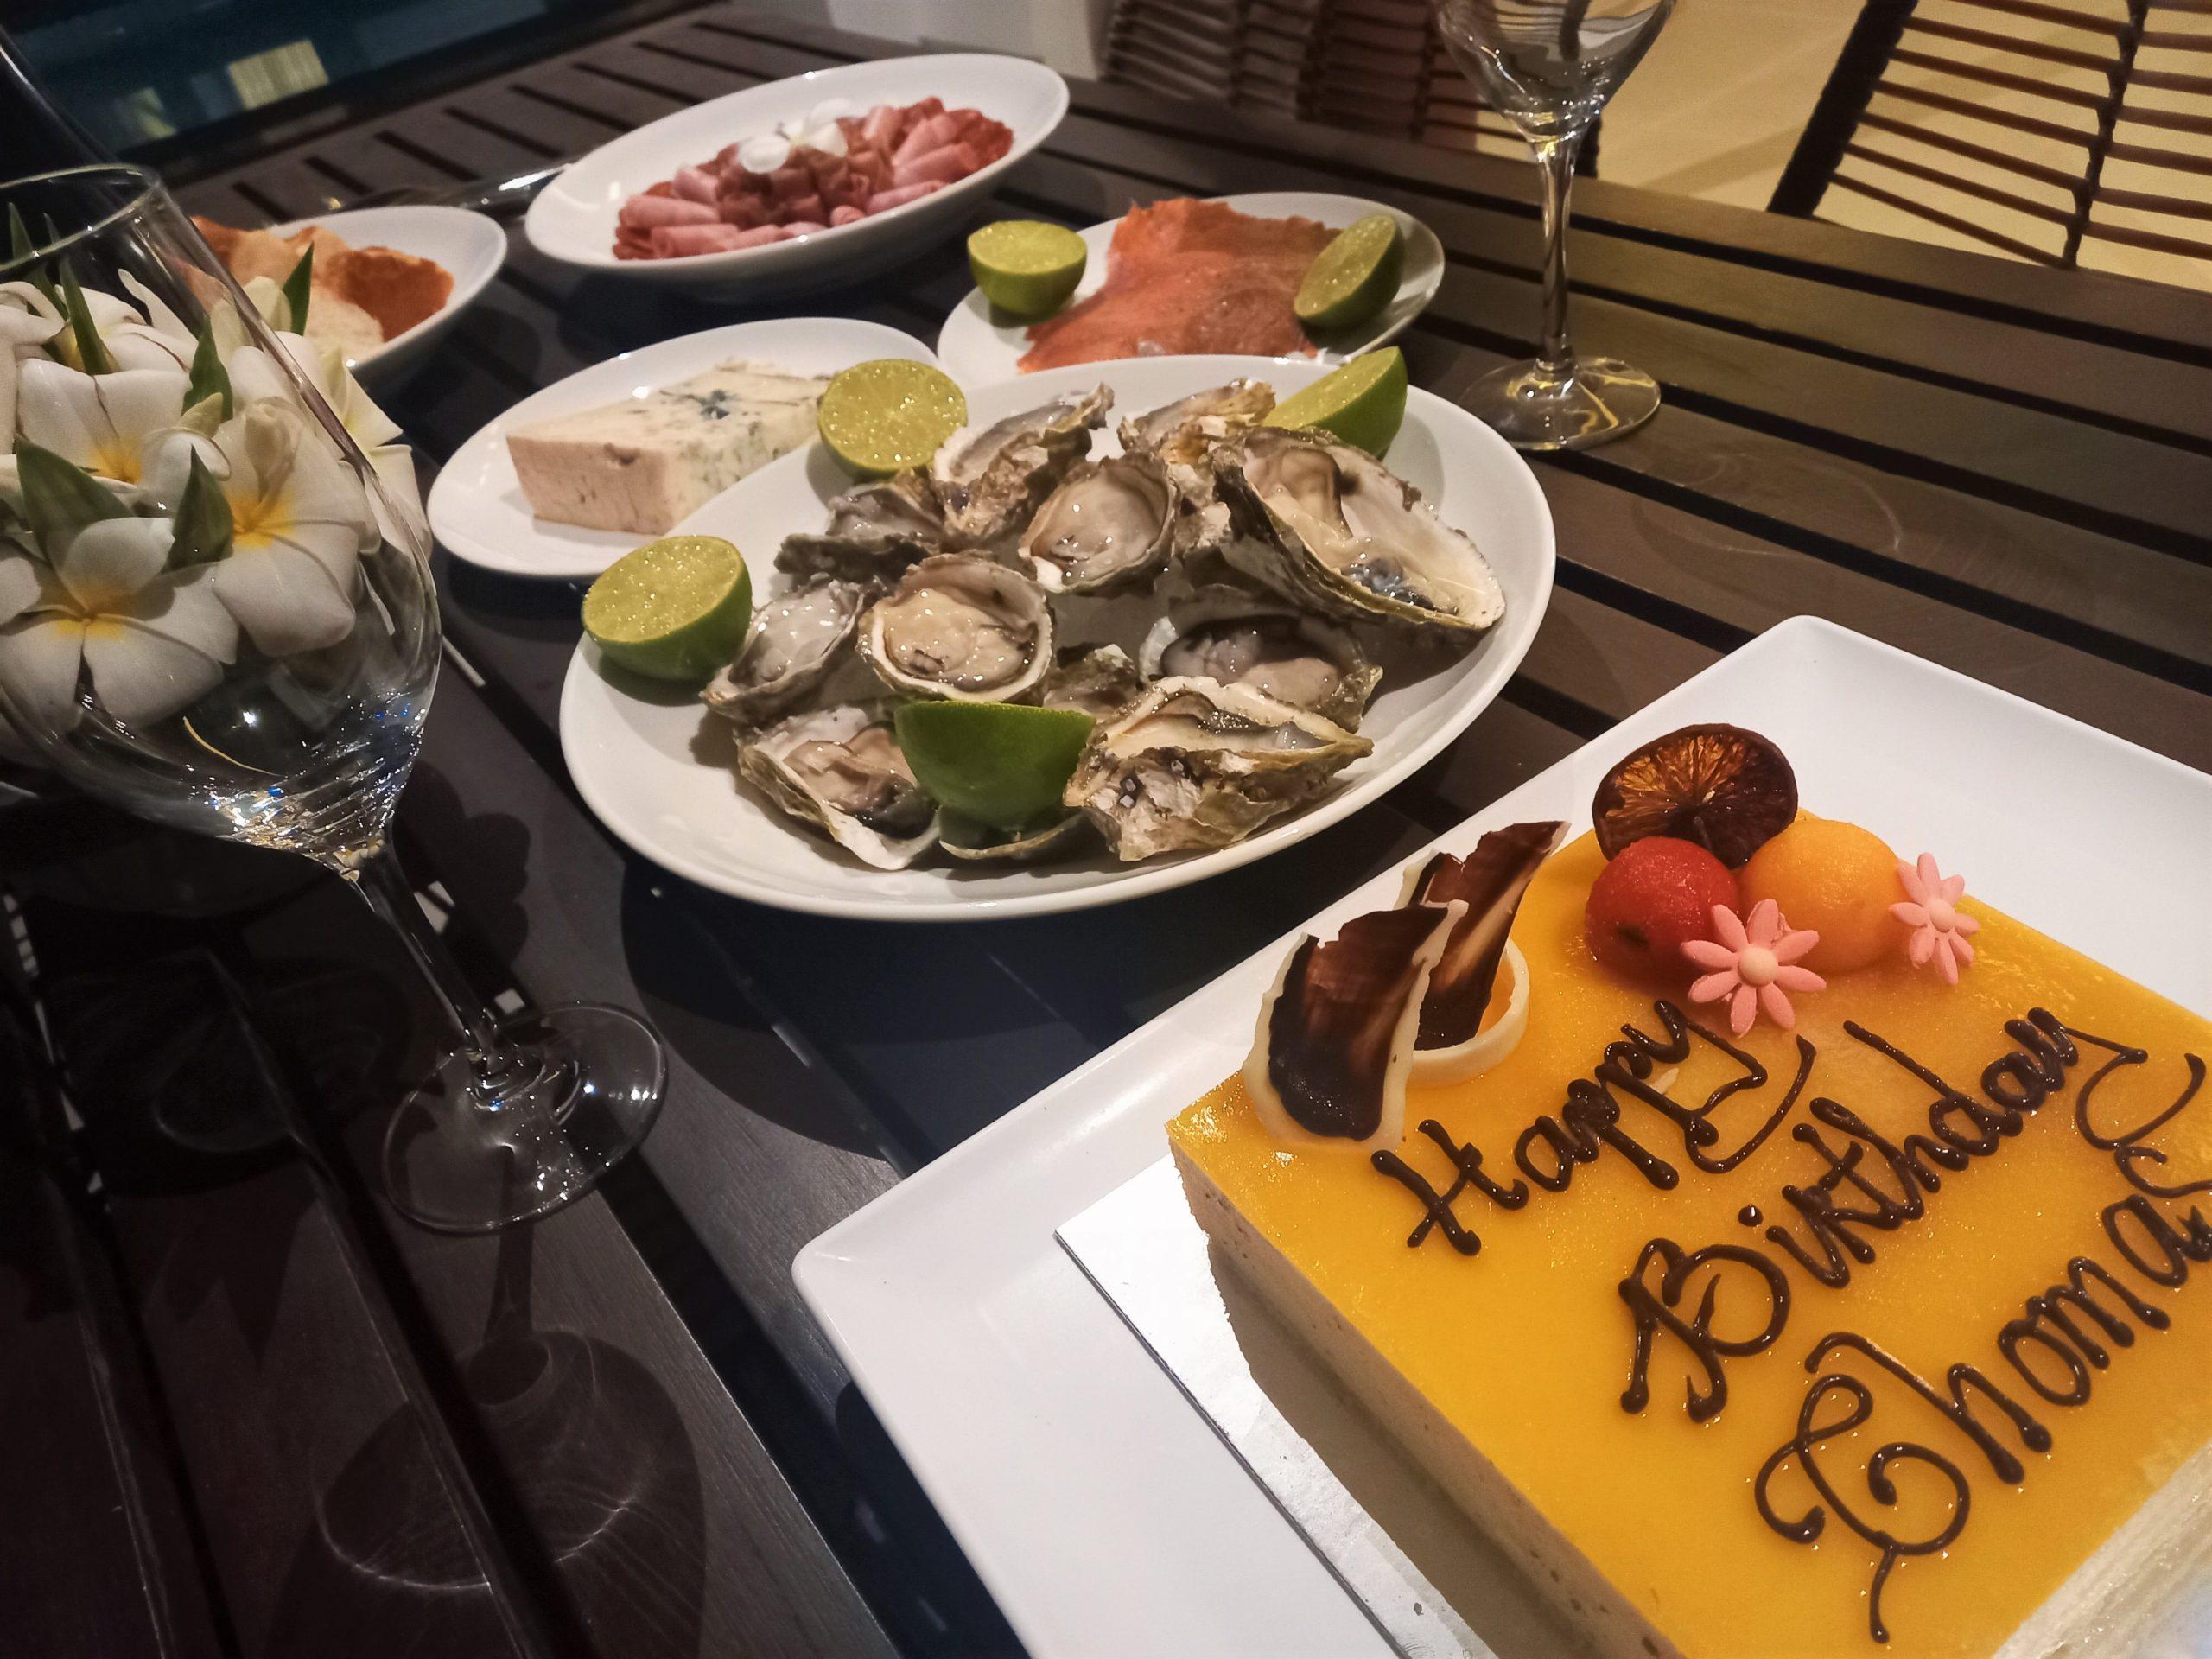 Birthday dinner at Premier Village Resort, Phu Quoc Island, Vietnam